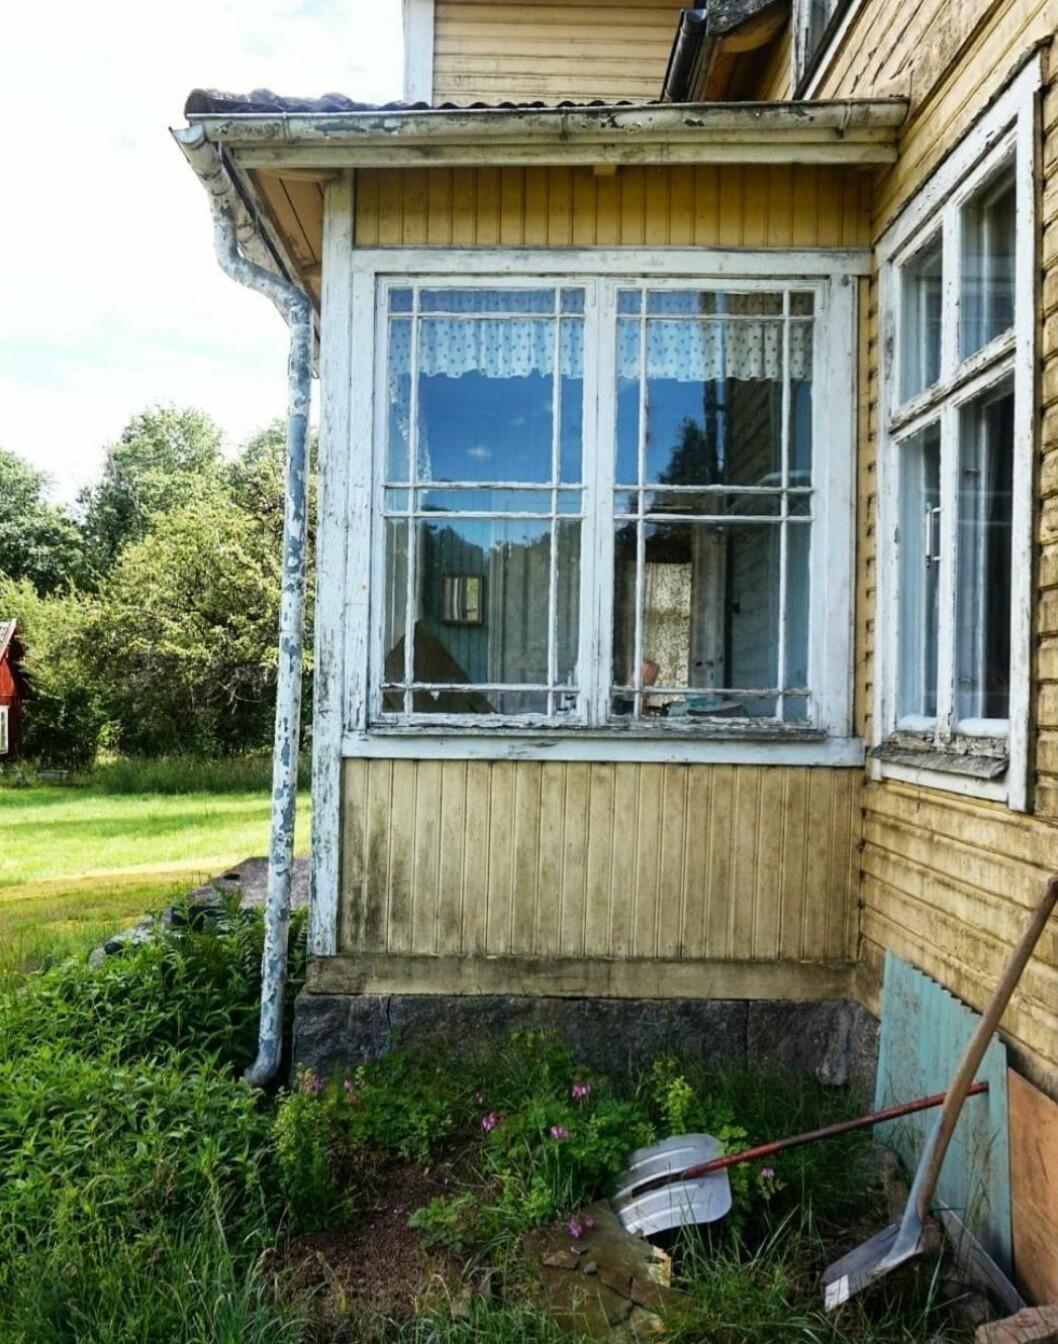 Husets glasveranda före renoveringen.